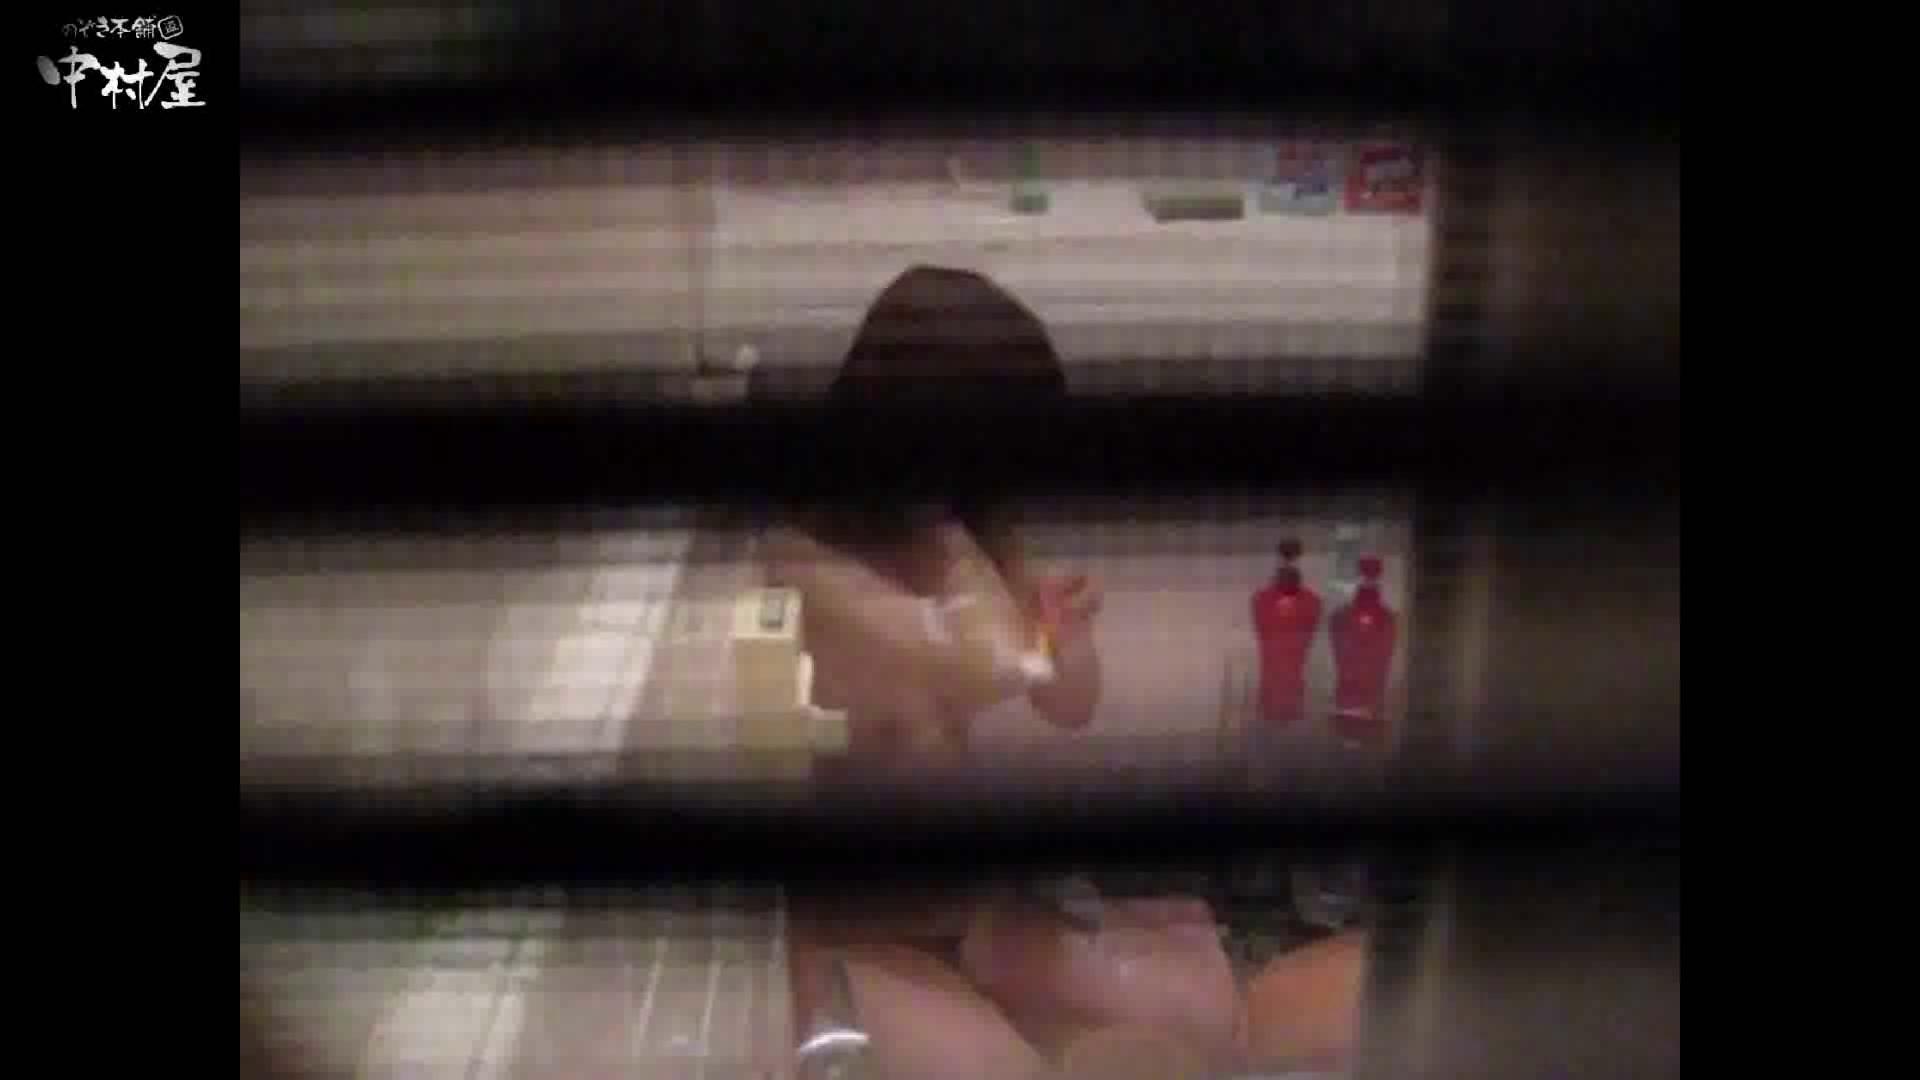 民家風呂専門盗撮師の超危険映像 vol.017 美女エロ画像 おめこ無修正動画無料 93PICs 4